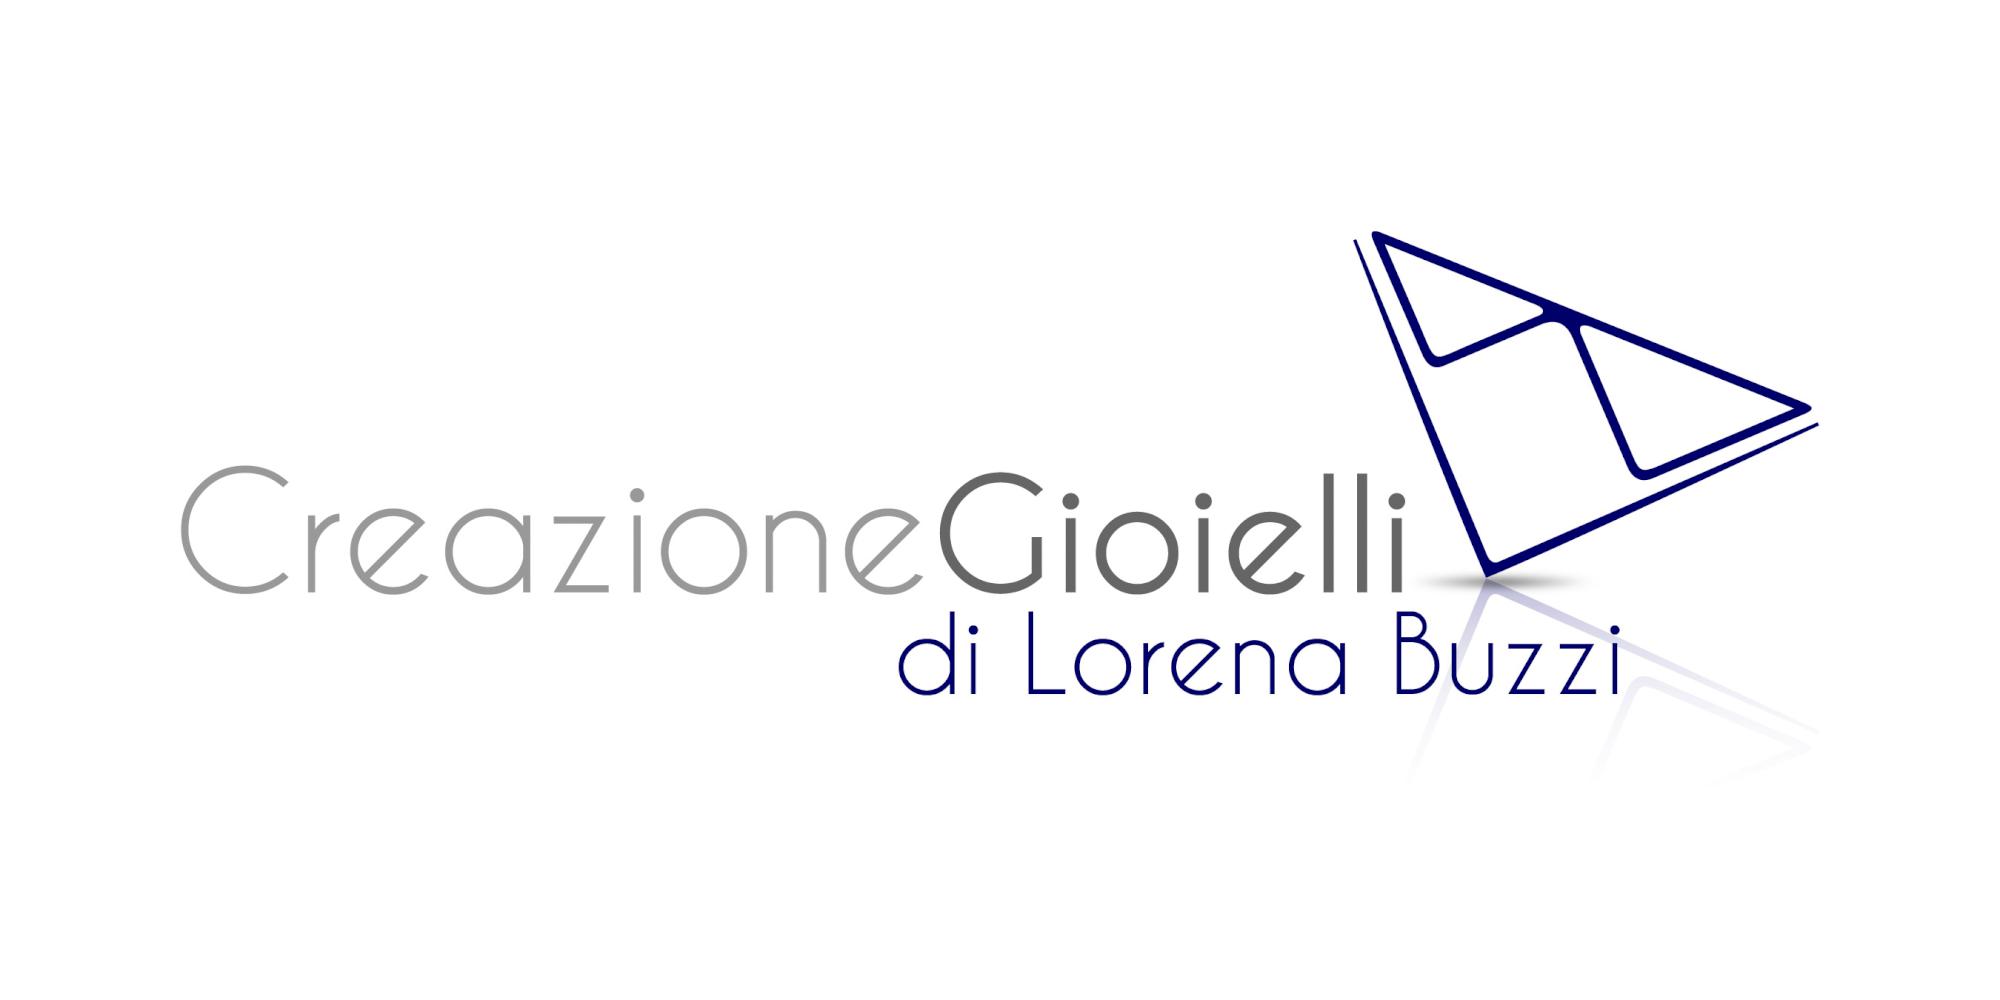 header image CREAZIONE GIOIELLI di LORENA BUZZI